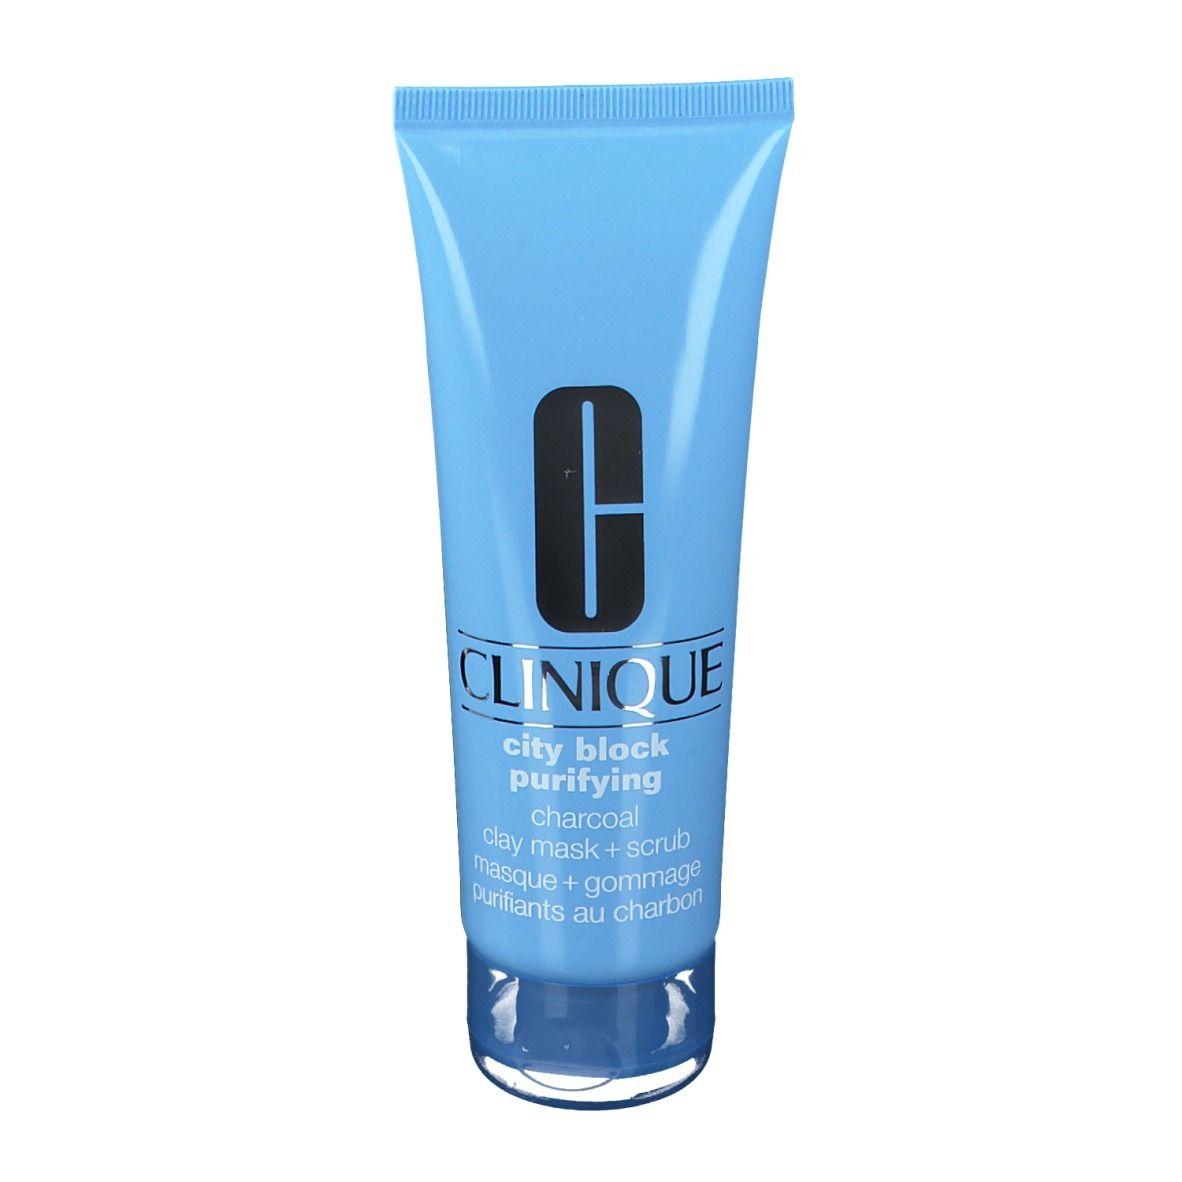 CLINIQUE City Block Purifying™ Masque + Gommage purifiant au charbon ml masque(s) pour le visage